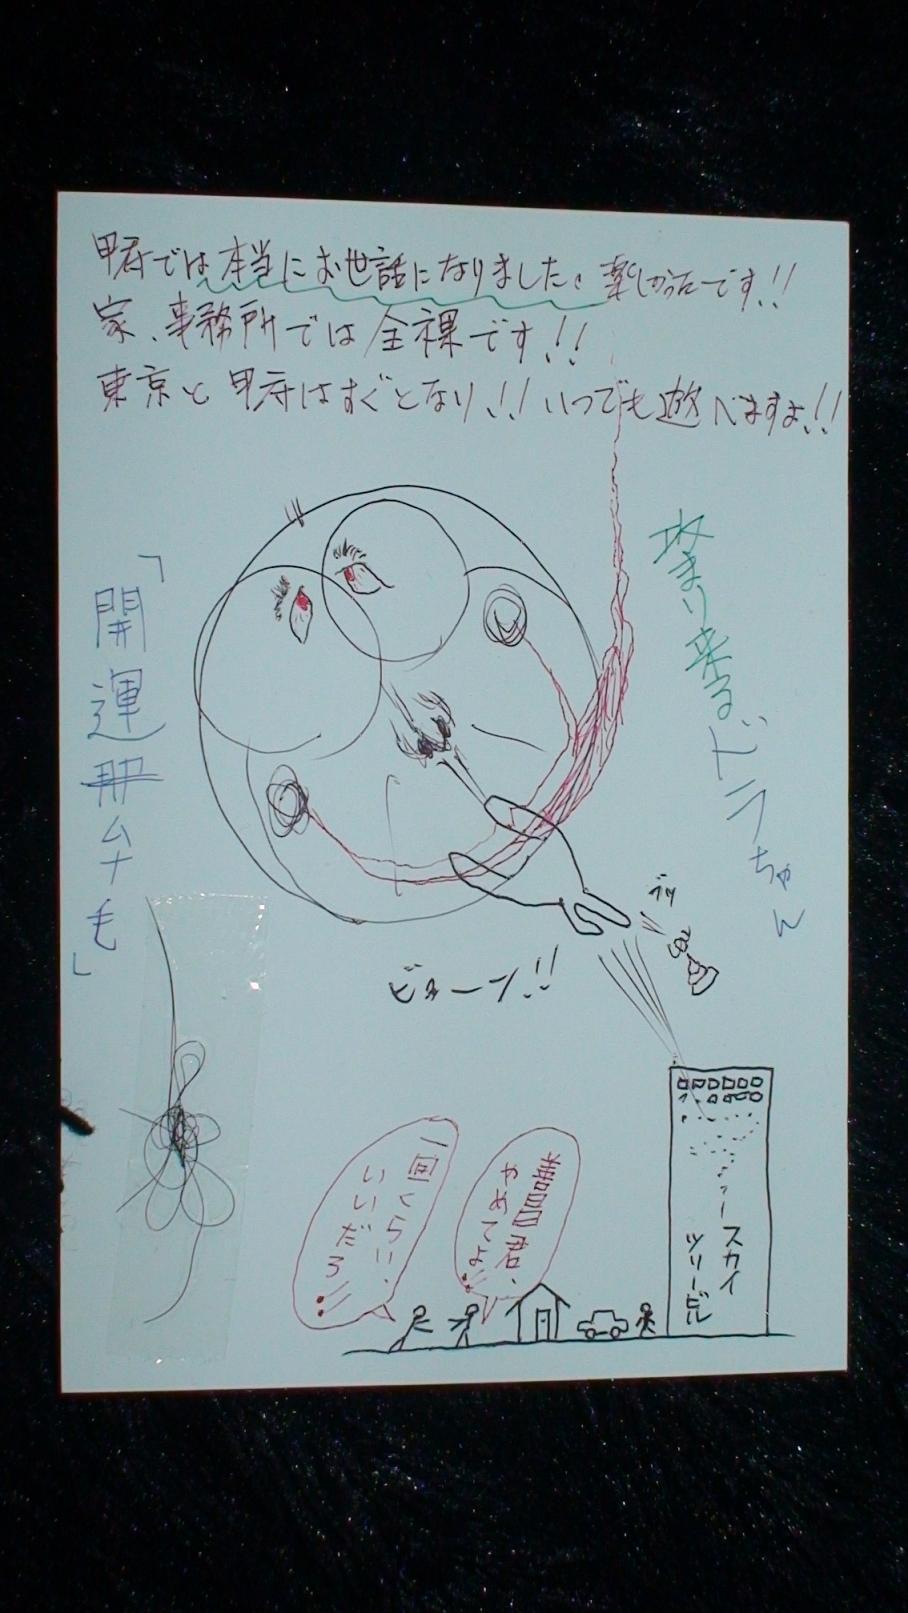 変態道を志す変態紳士の年賀状イラスト絵.JPG